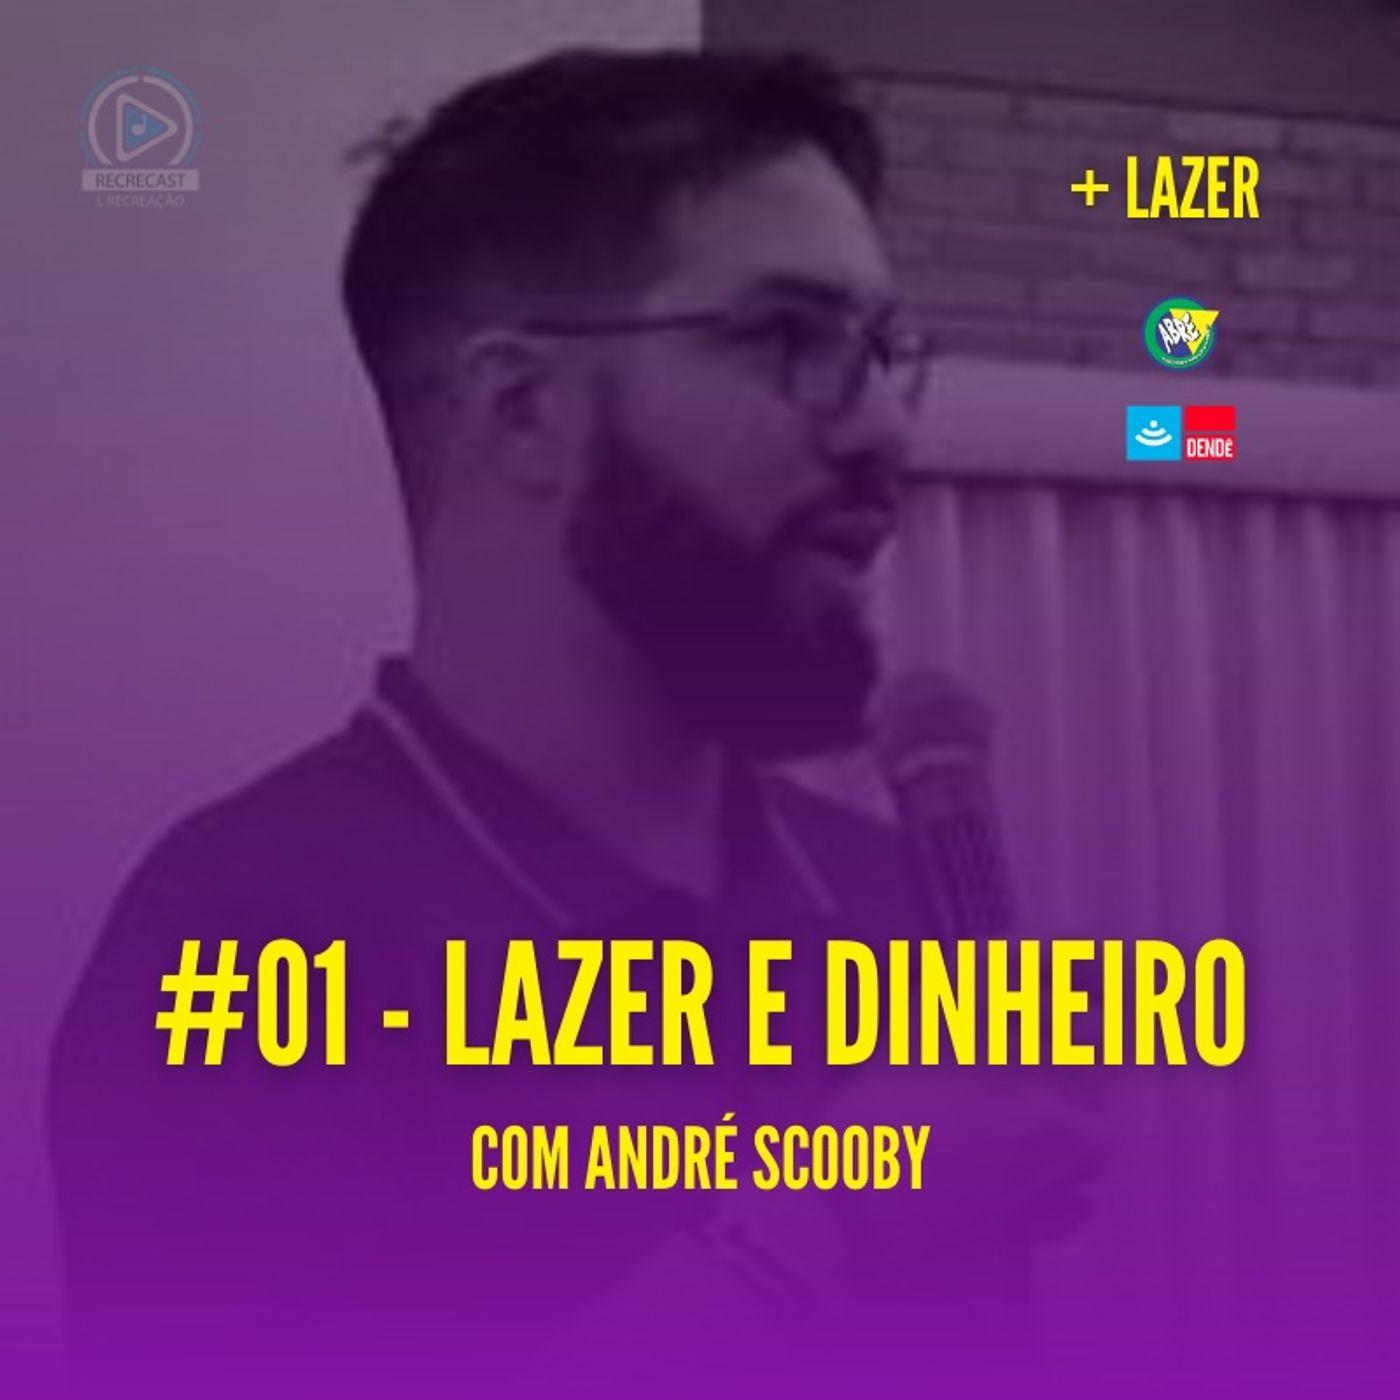 + Lazer #01 - Lazer e Dinheiro